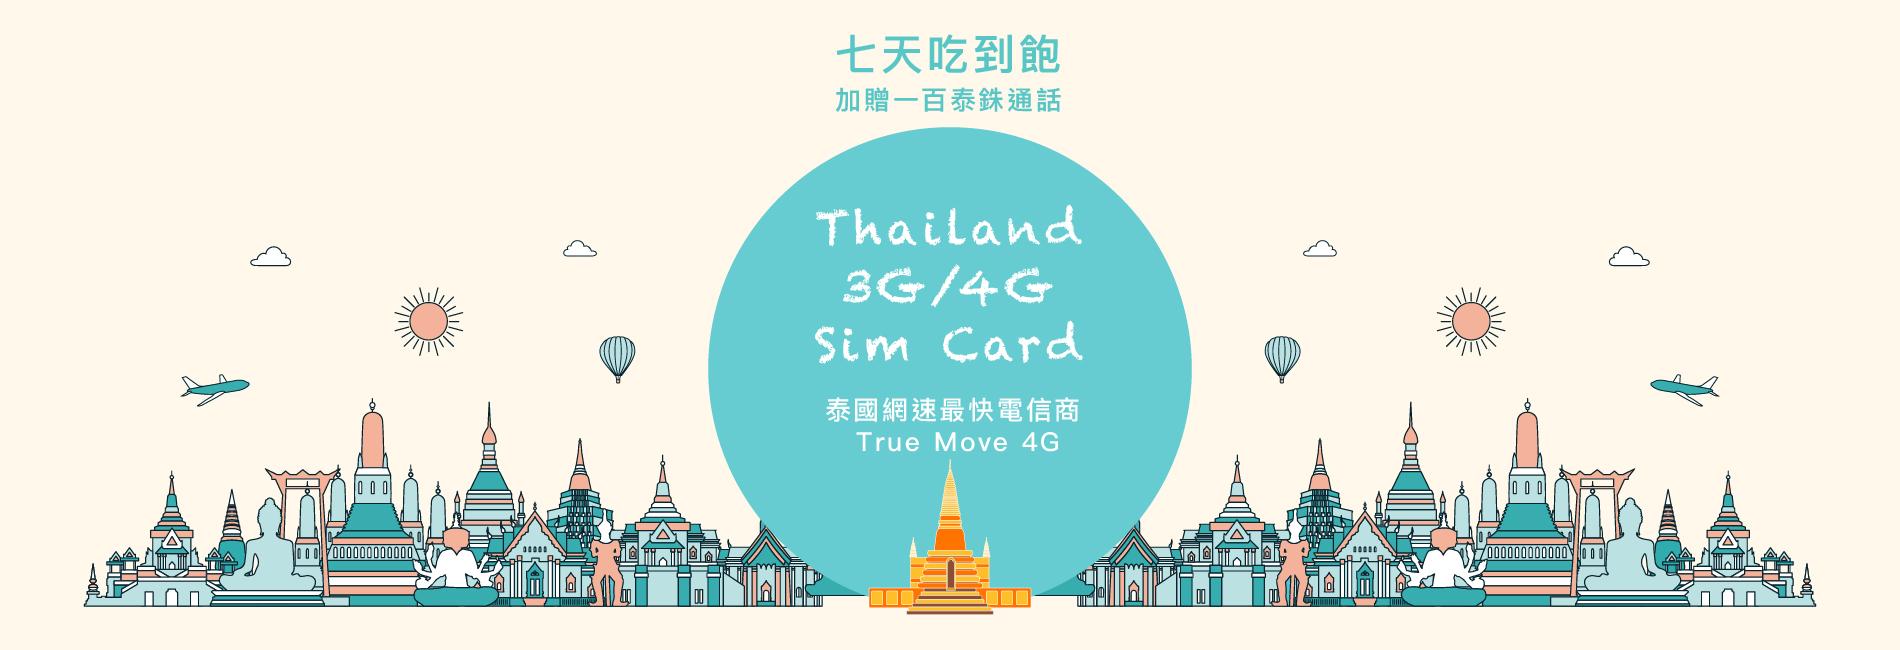 【泰國True Move H網卡】4G高速上網+100泰銖通話費-KKday.com